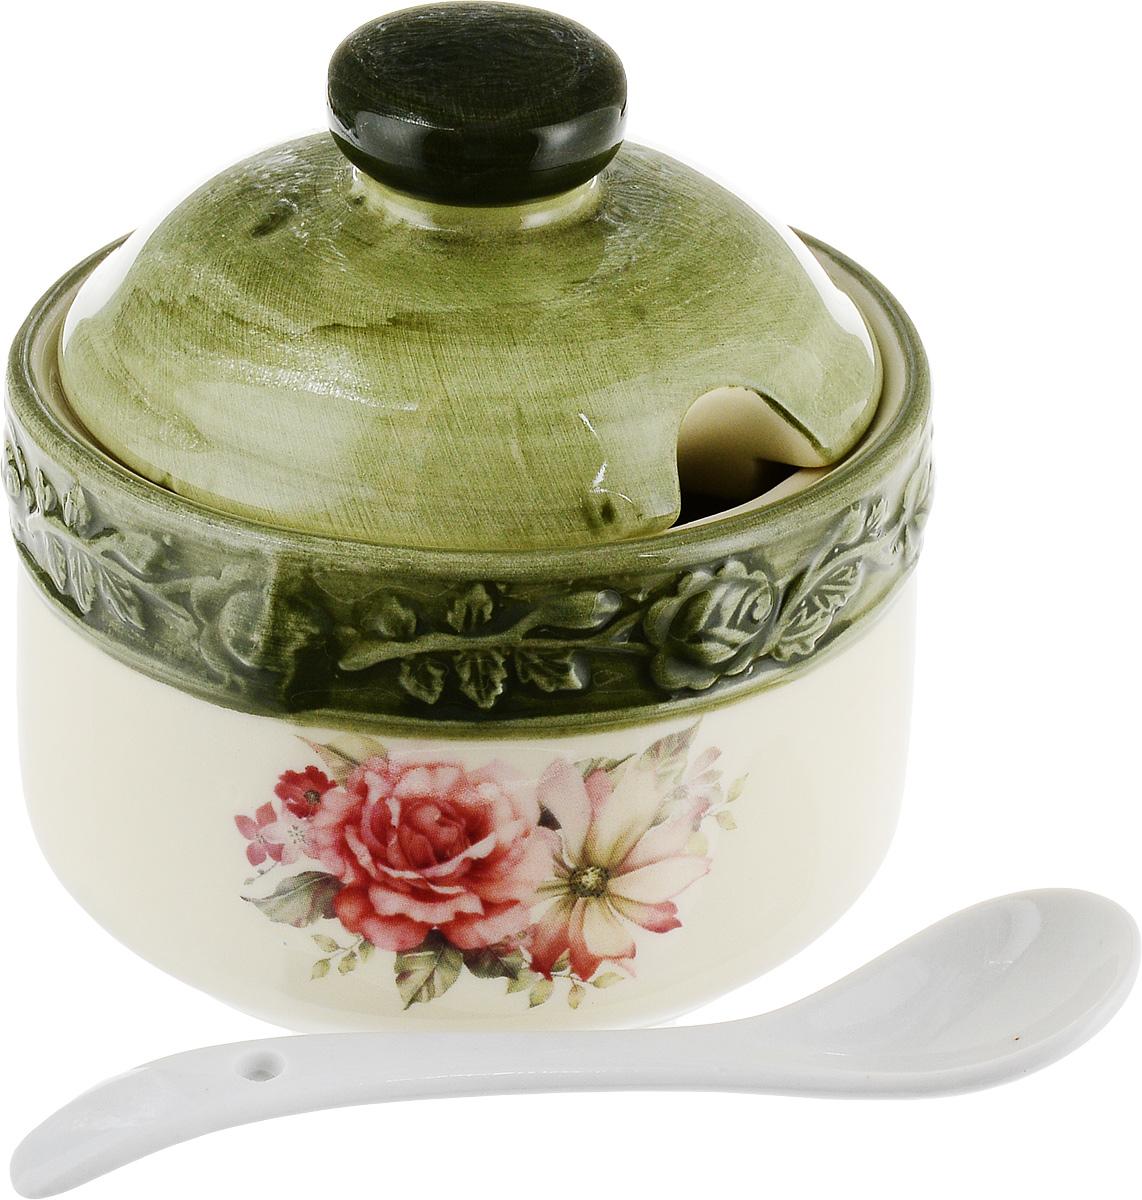 Банка для специй Elan Gallery Розы, с ложкой и крышкой, цвет: белый, сиреневый, 200 мл банка для специй banquet crystal с клипсой 3 л